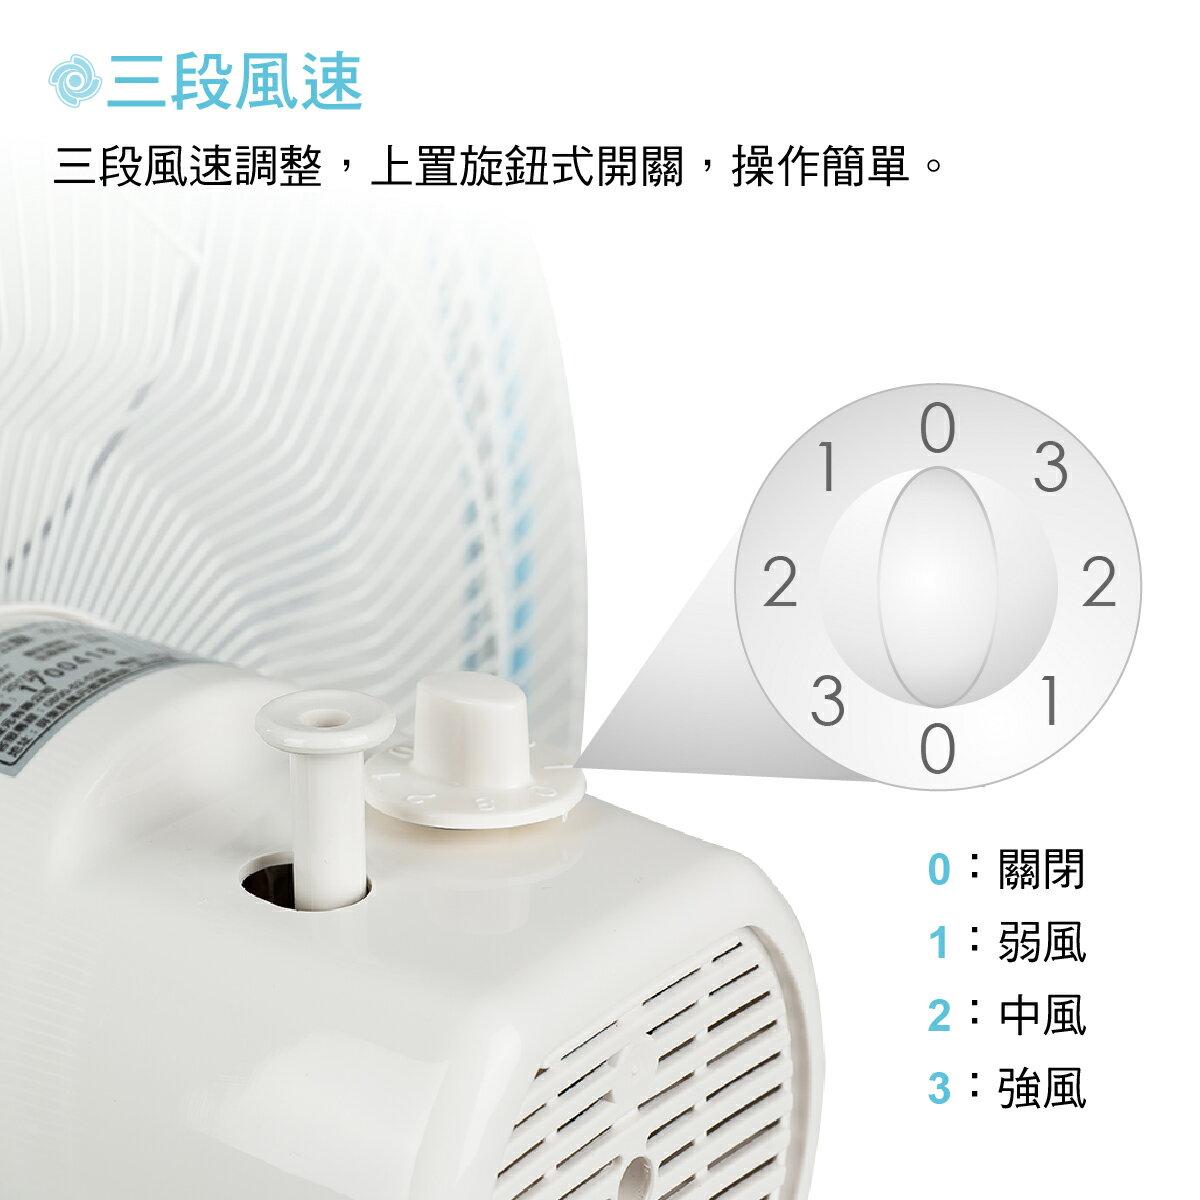 🔥現貨 / 免運🚚※免運喔🔥大家源 18吋立扇 / 電風扇 TCY-8103 1